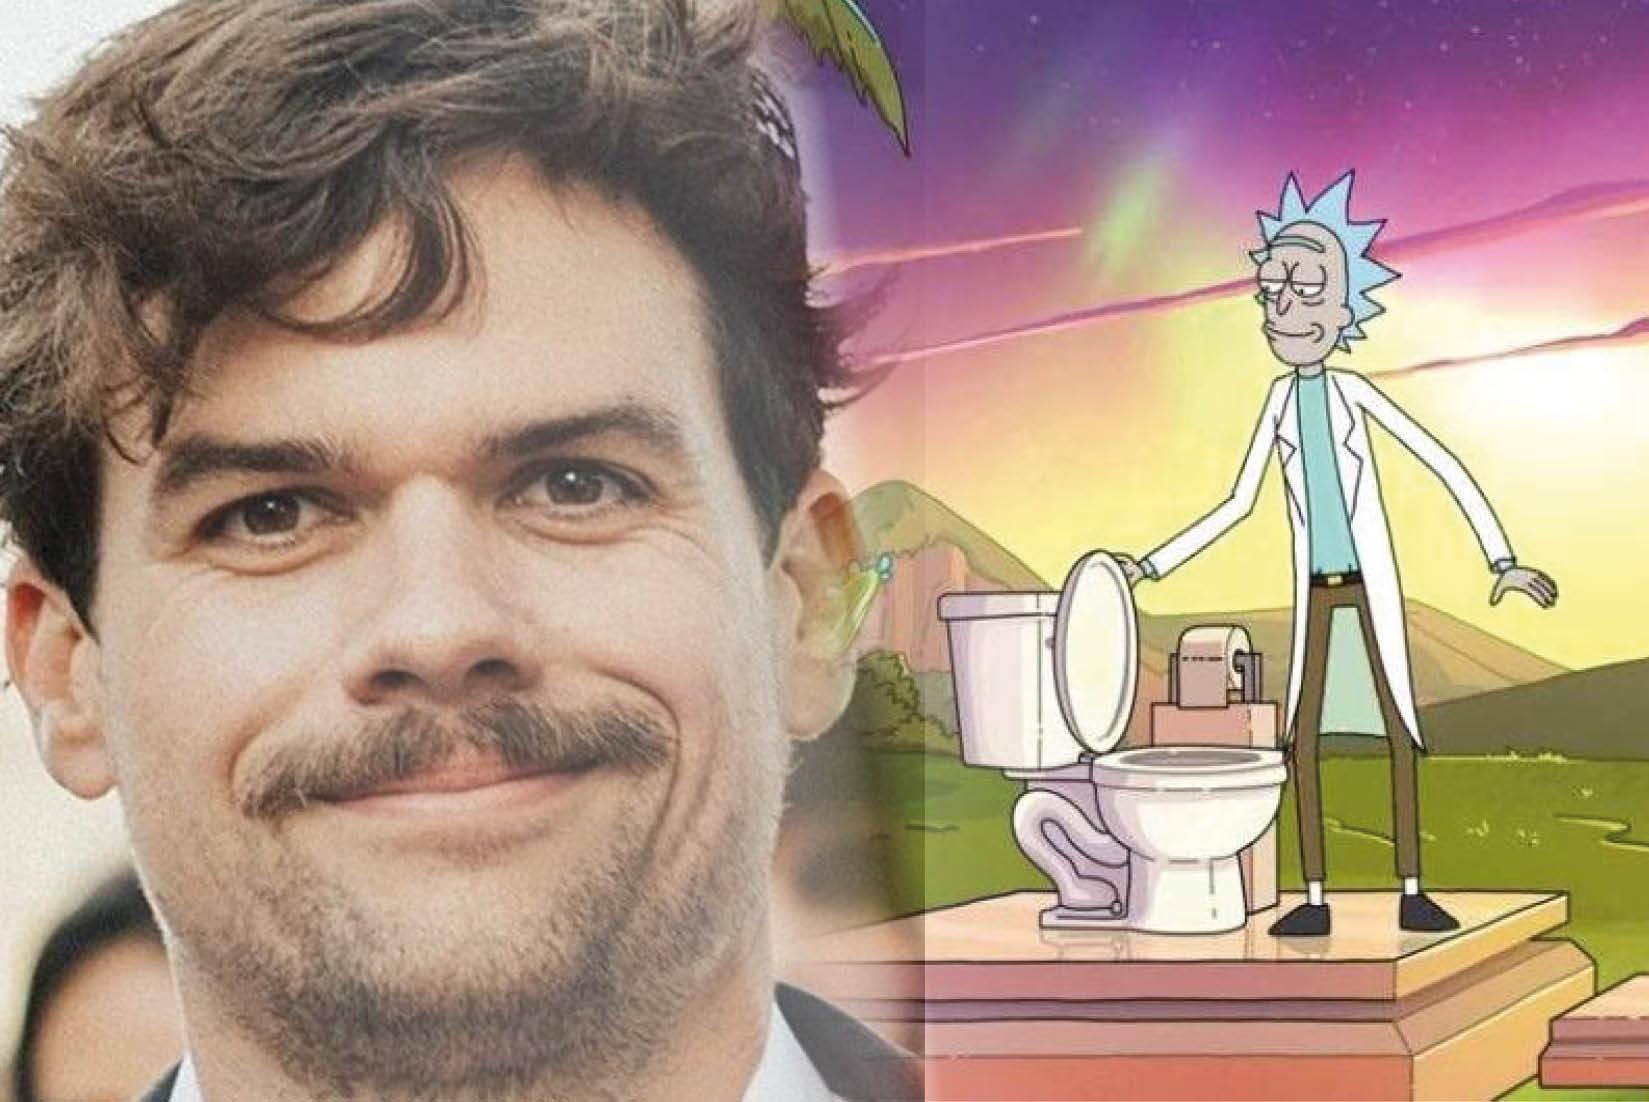 СМИ: сценарий новых «Звёздных войн» напишет автор серии «Рика и Морти» про планету-туалет